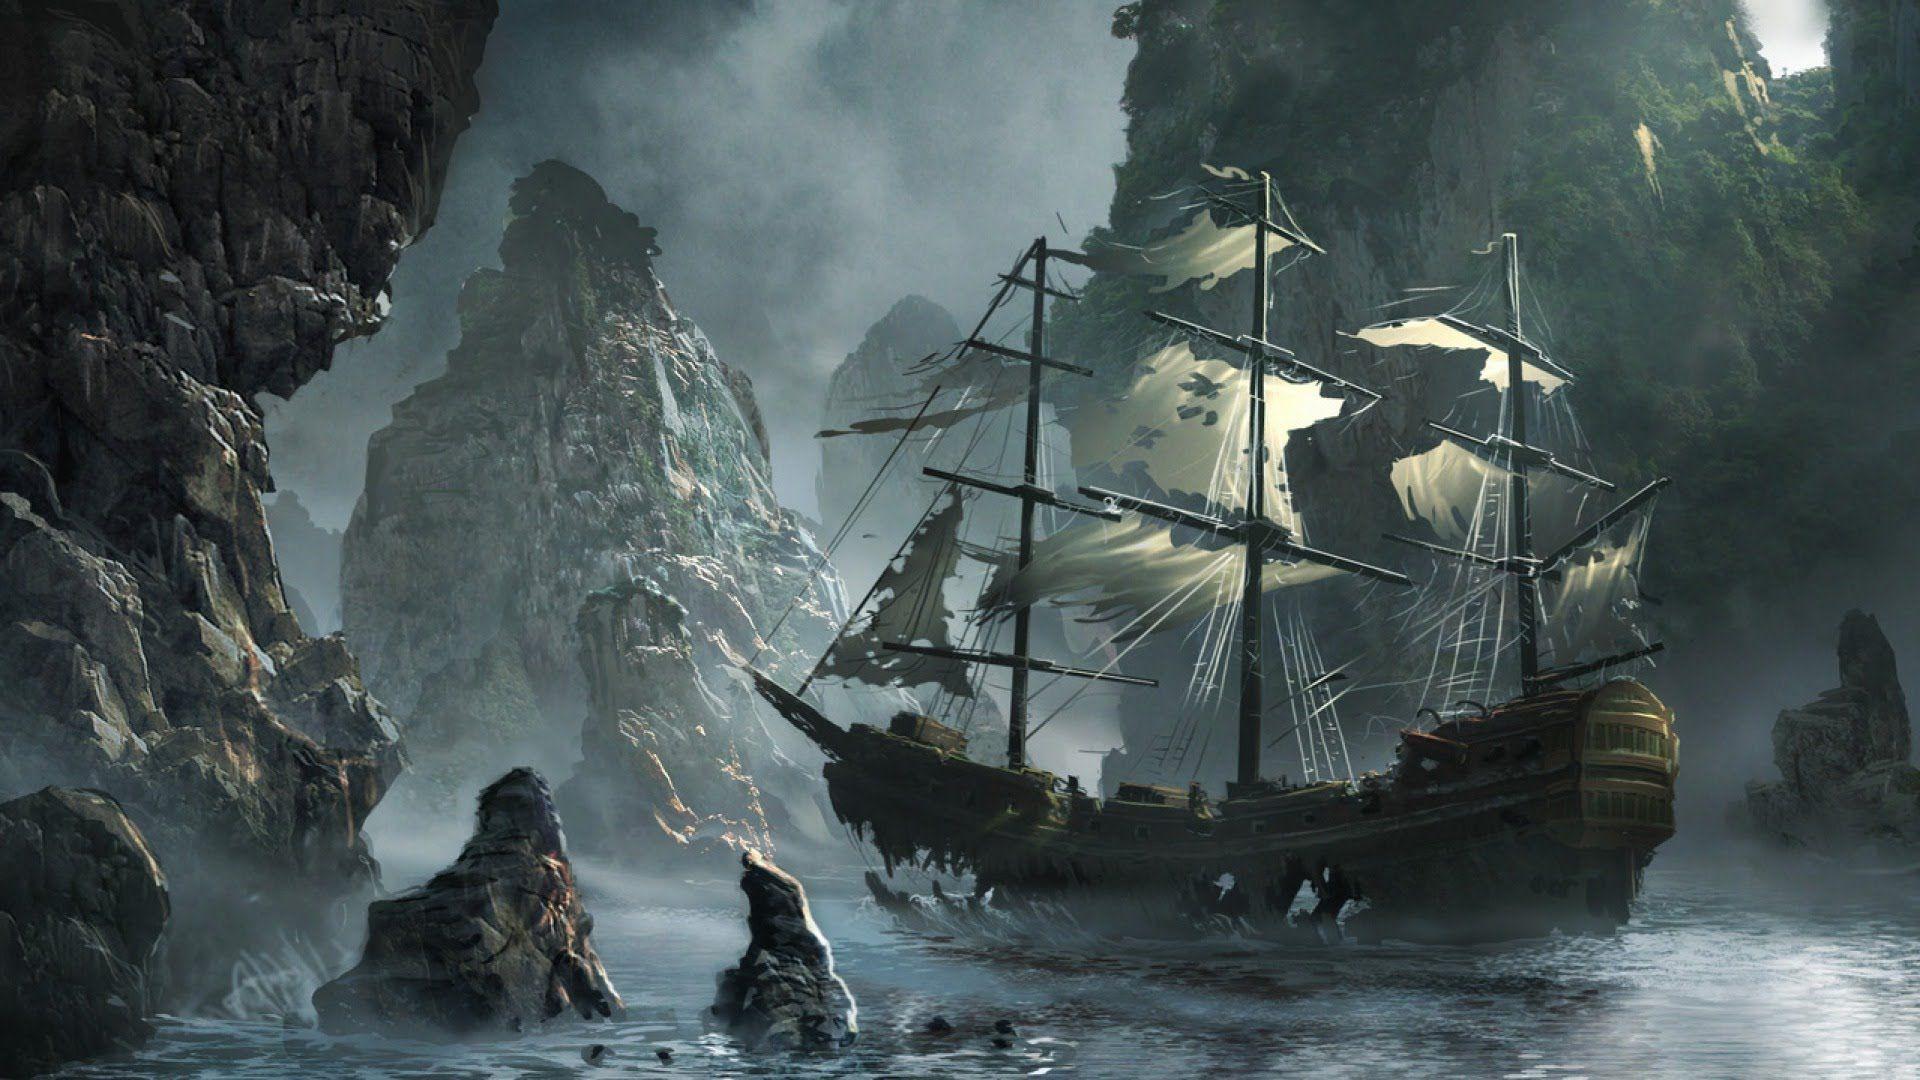 Pirate Music - Pirate Cove   Ship In A Bottle ⚓   Boat art